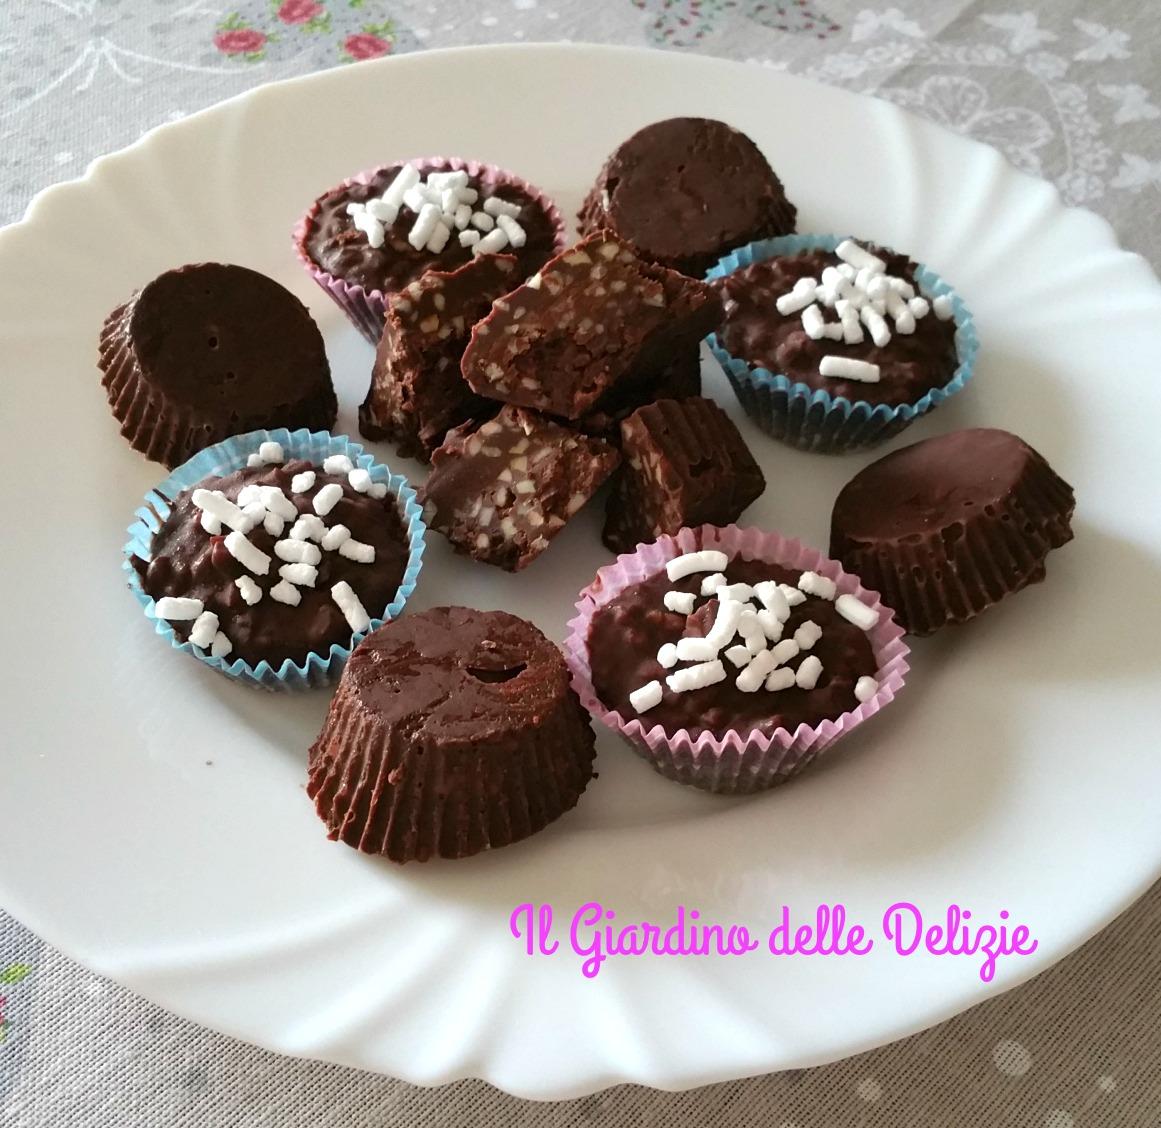 Formine al cioccolato e mandorle